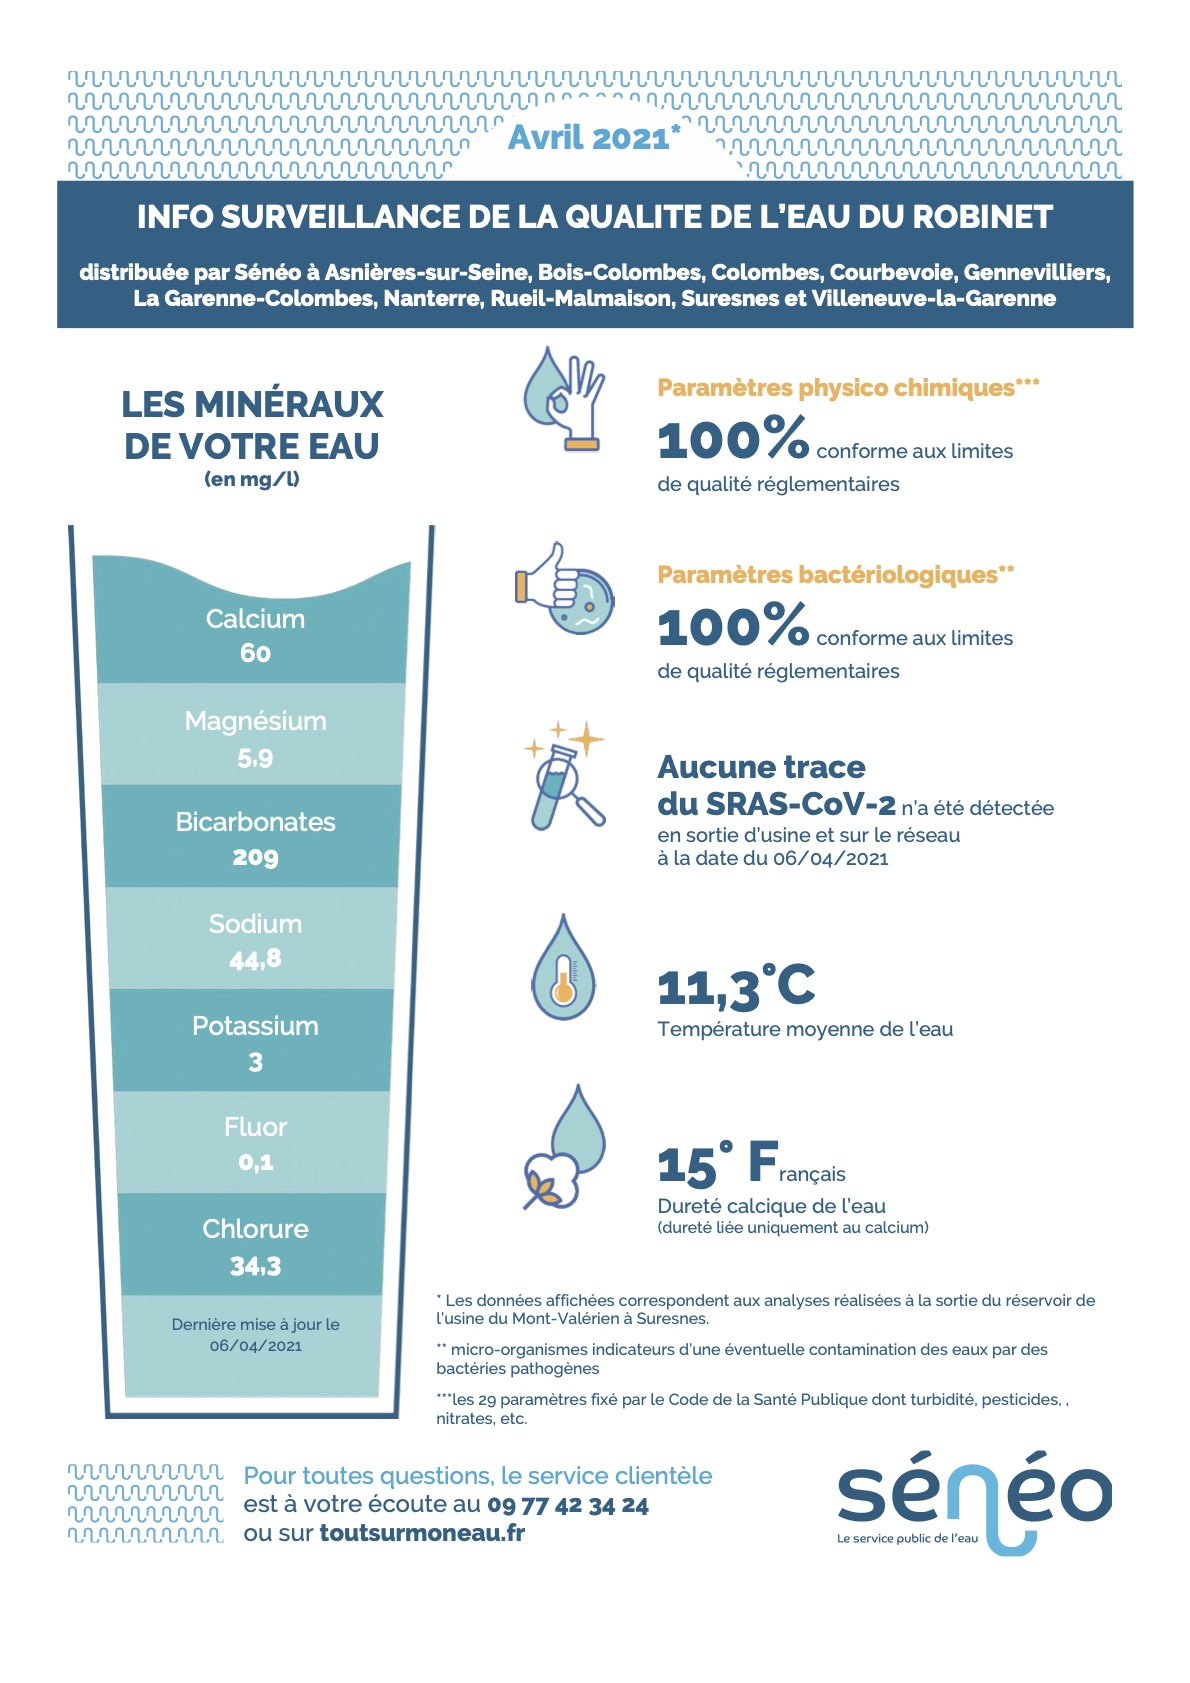 Info-surveillance de la qualité de l'eau du robinet – AVRIL 2021